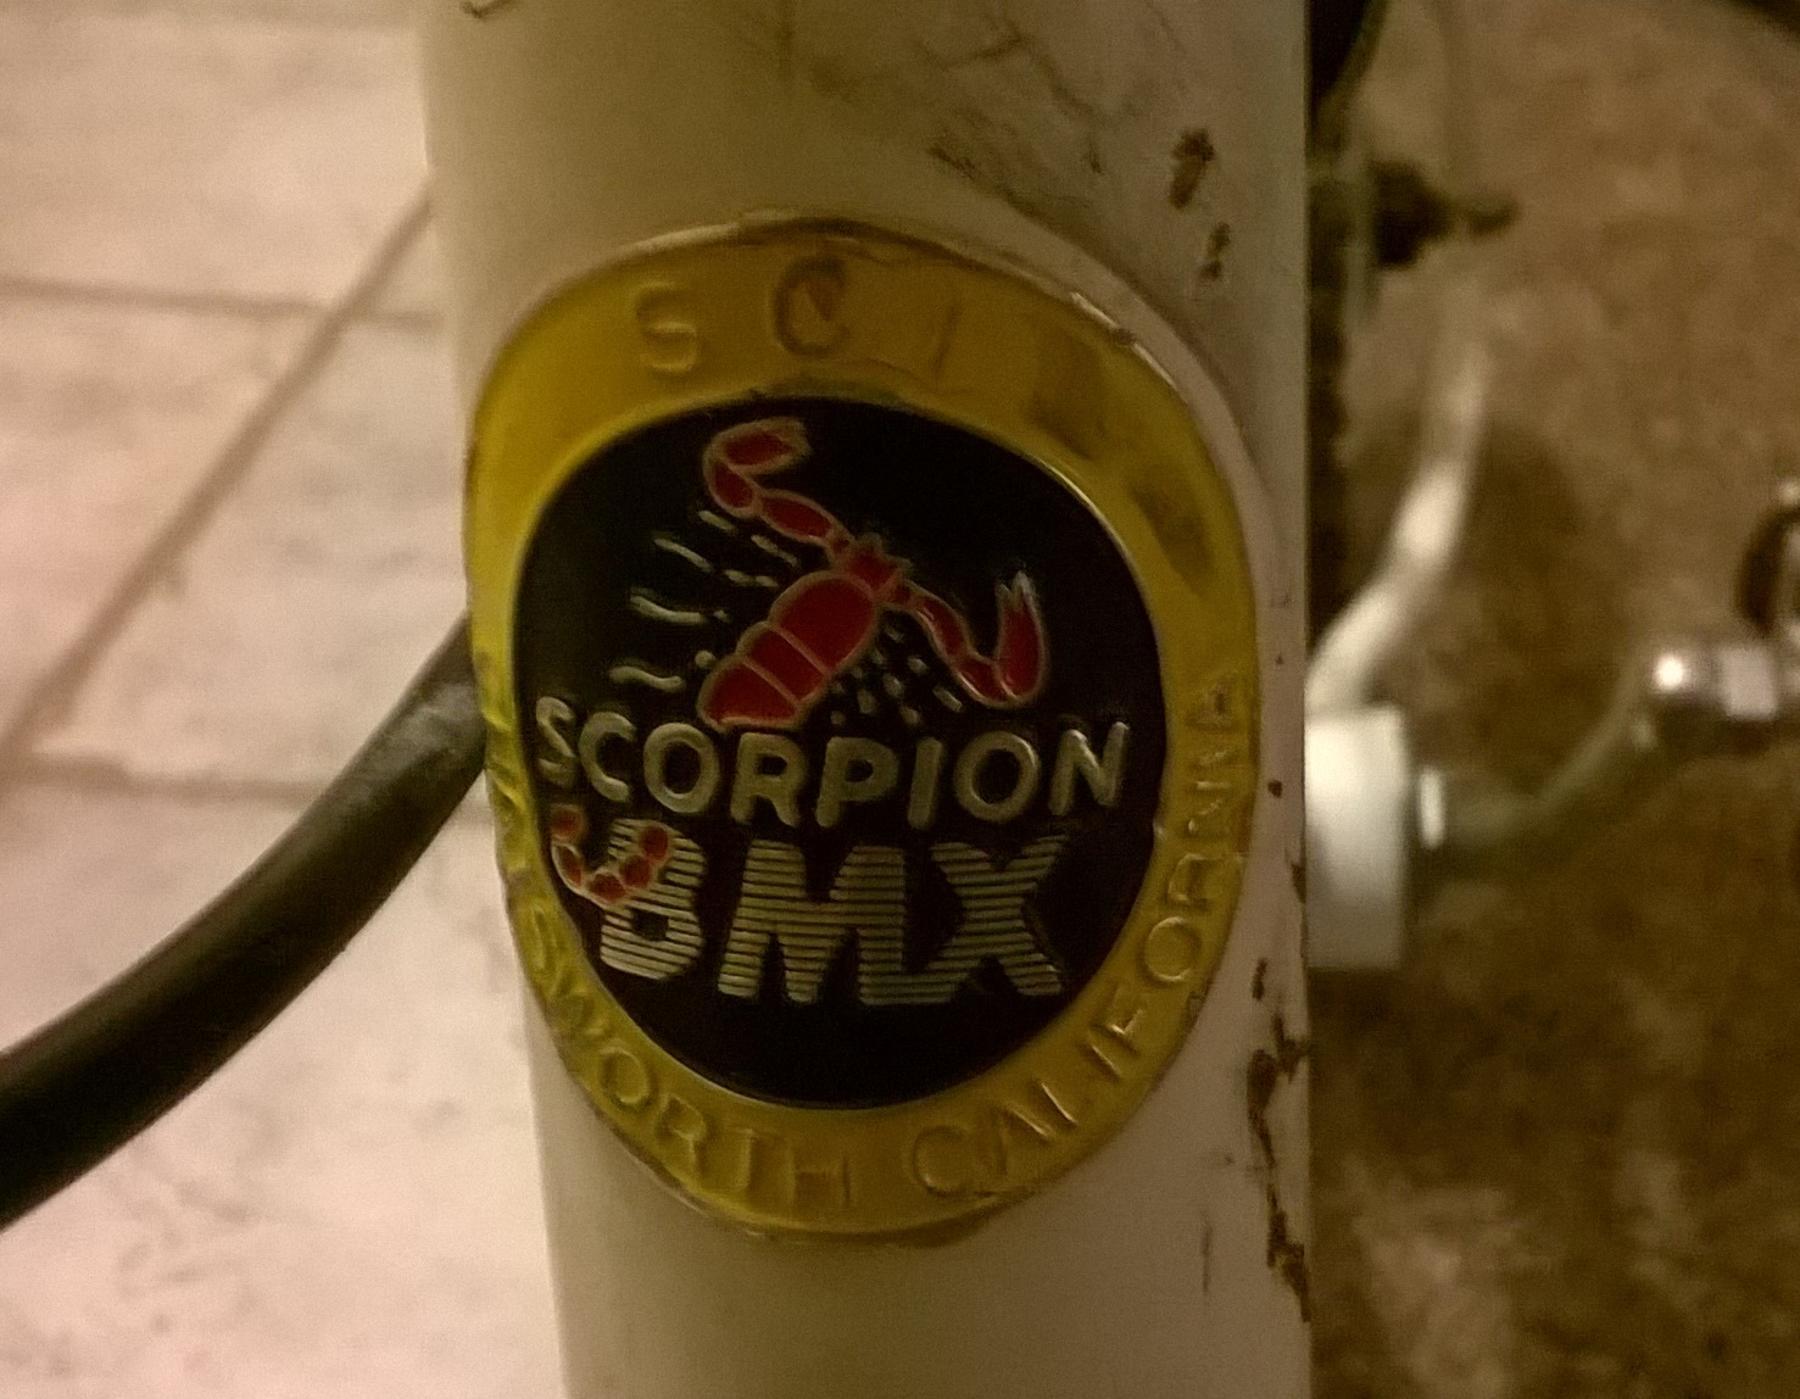 Scorpion zx300 bmx decals